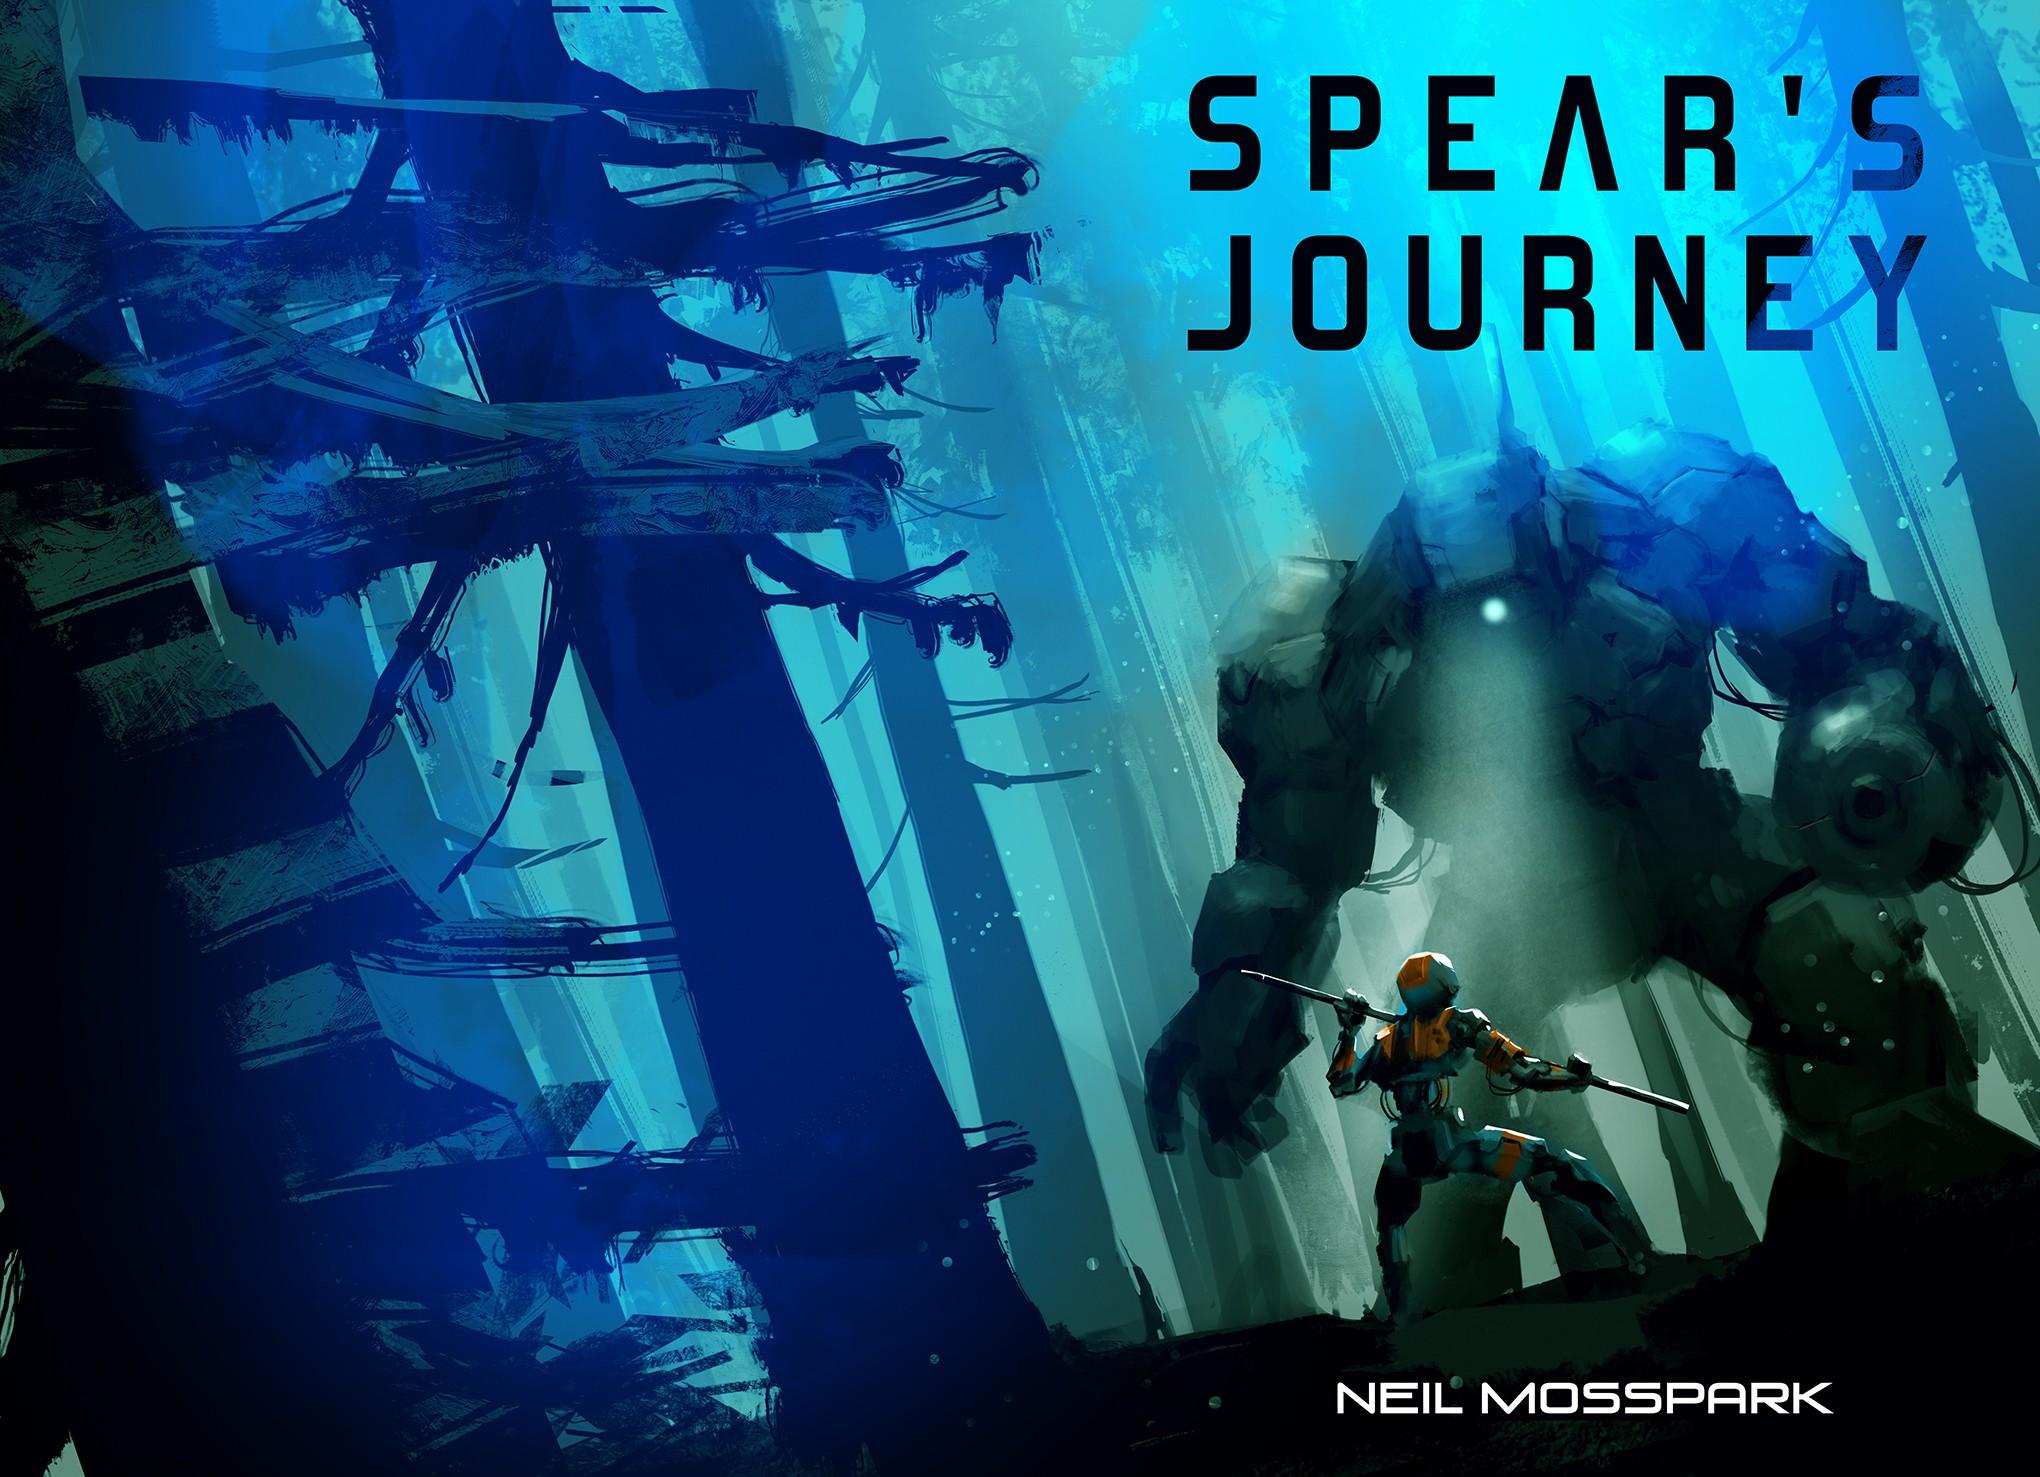 SciFi/Fantasy Book Cover